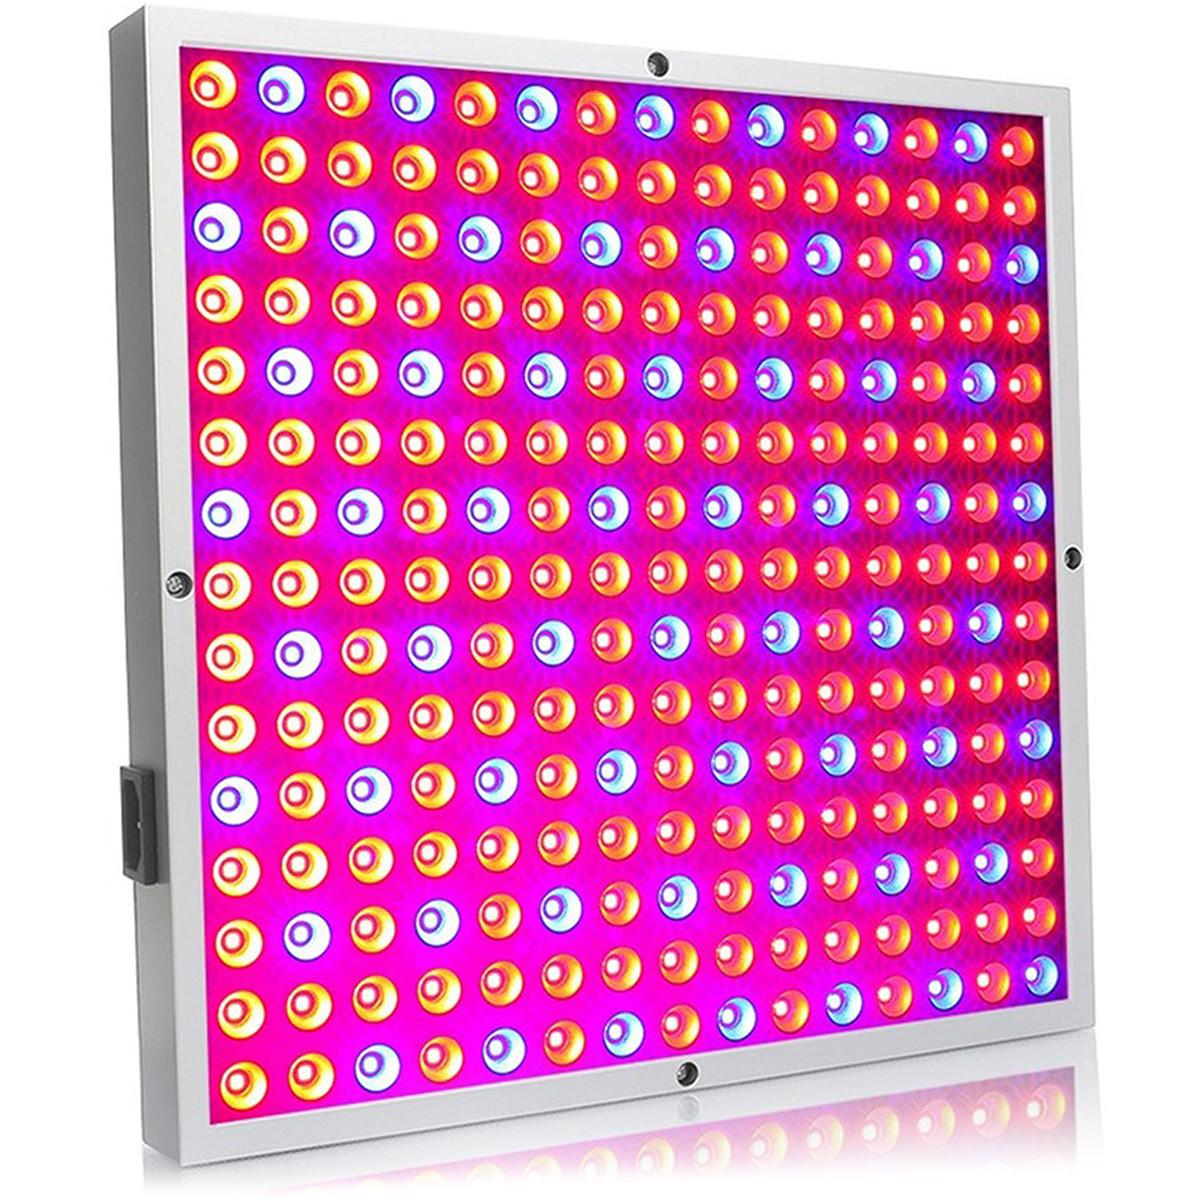 Lampa LED do roślin 225 diod Heckermann